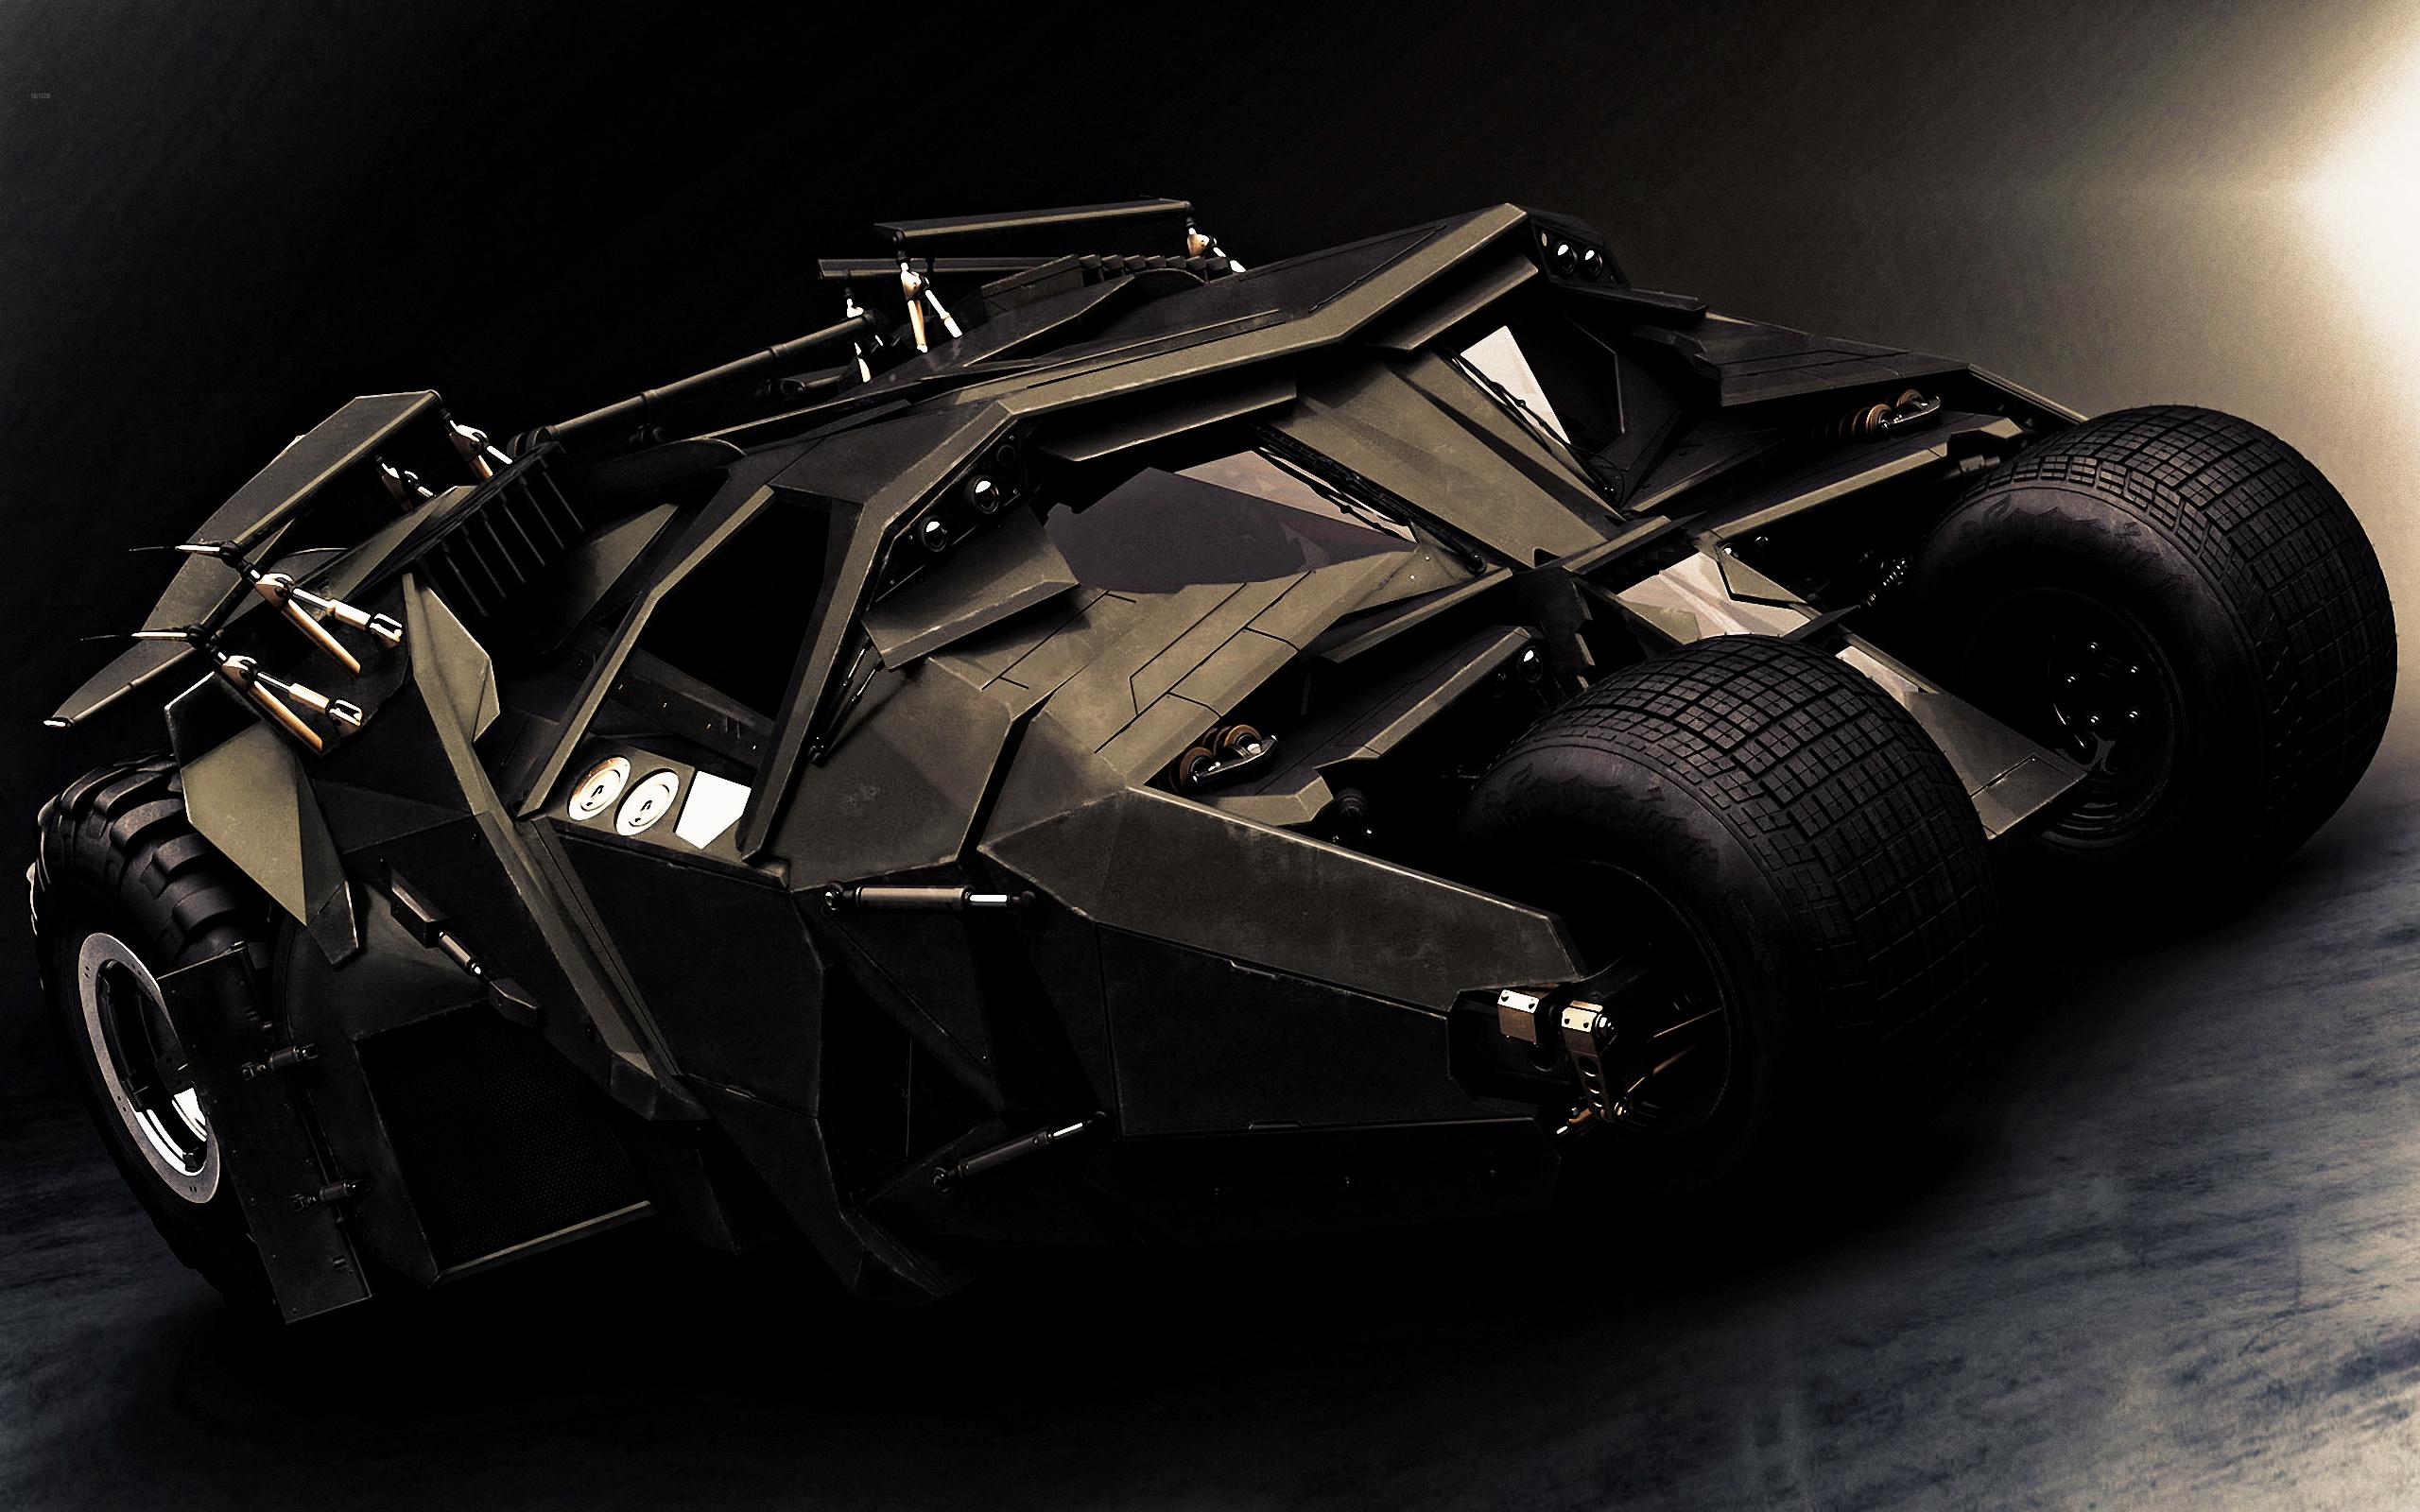 20+] Batman Cars Wallpapers on WallpaperSafari